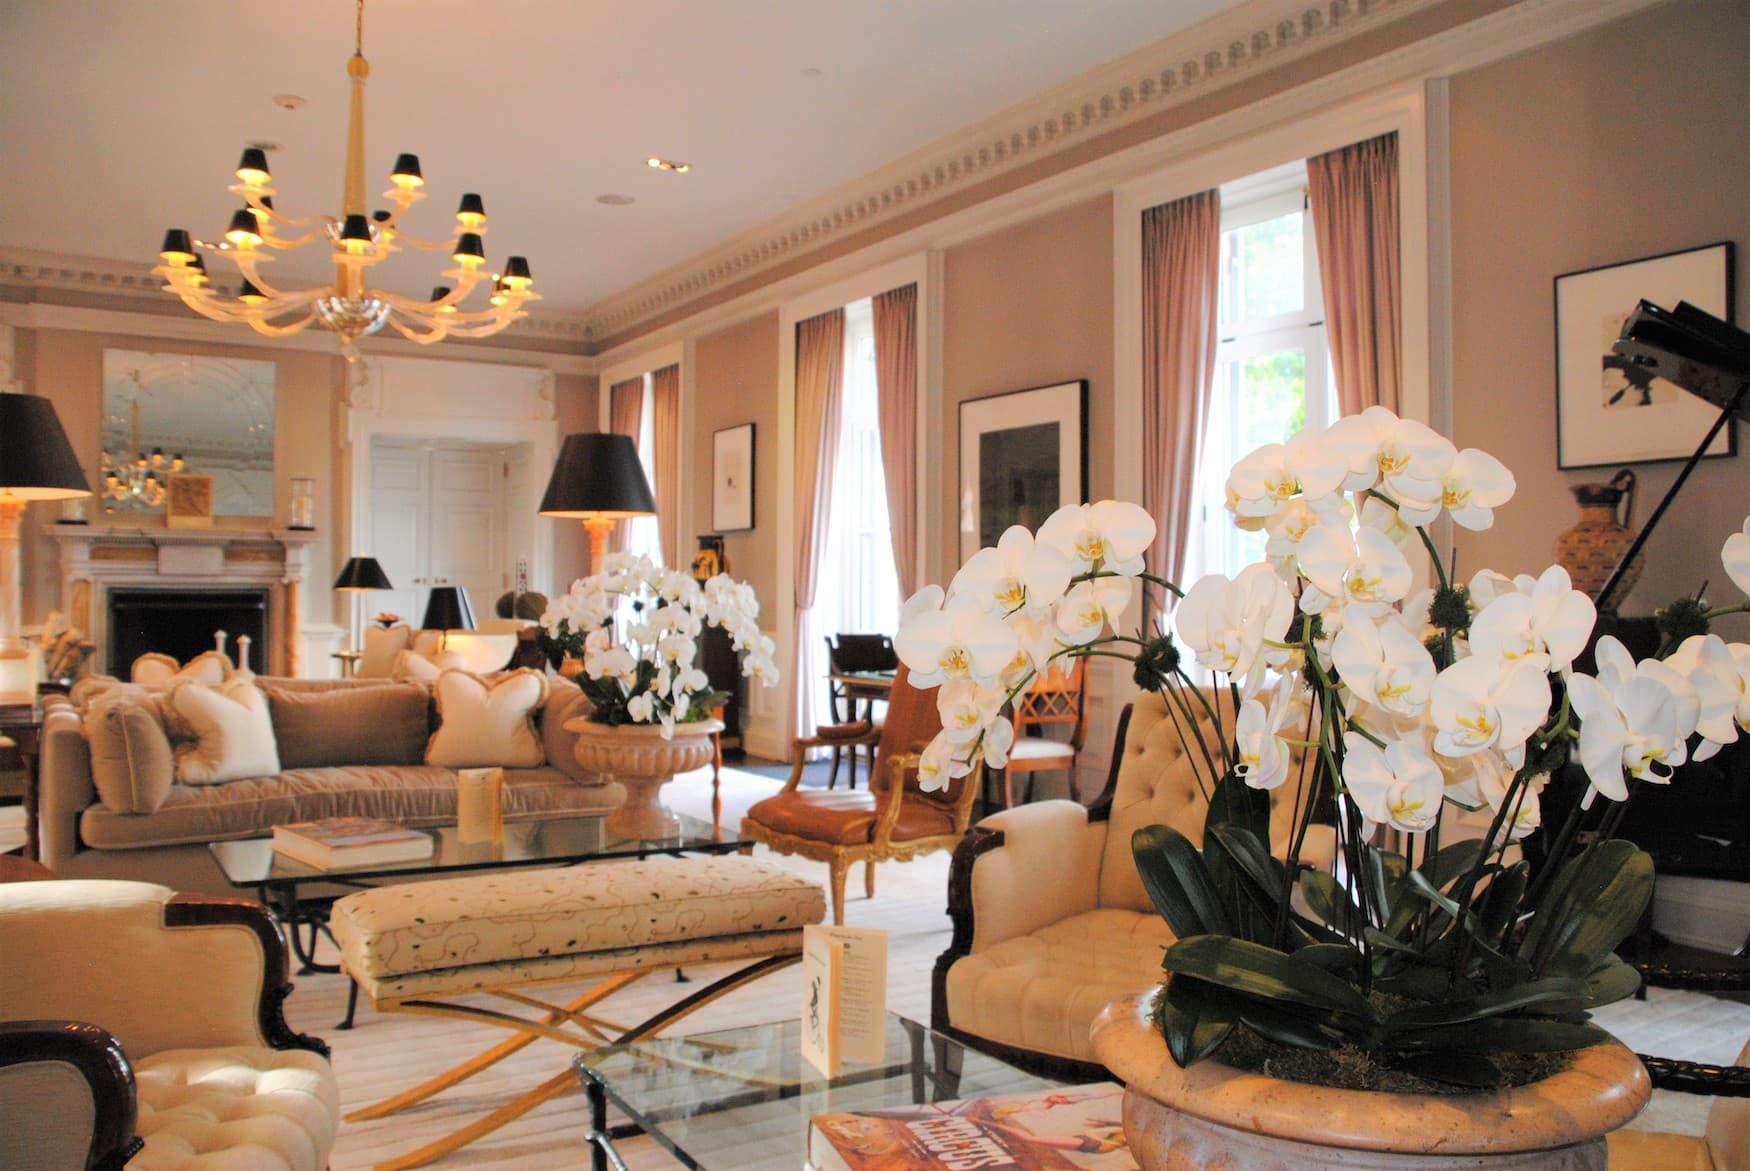 Gemütlich eingerichteter Wohnraum mit hellen Sofas und Blumen in der Glenmere Mansion